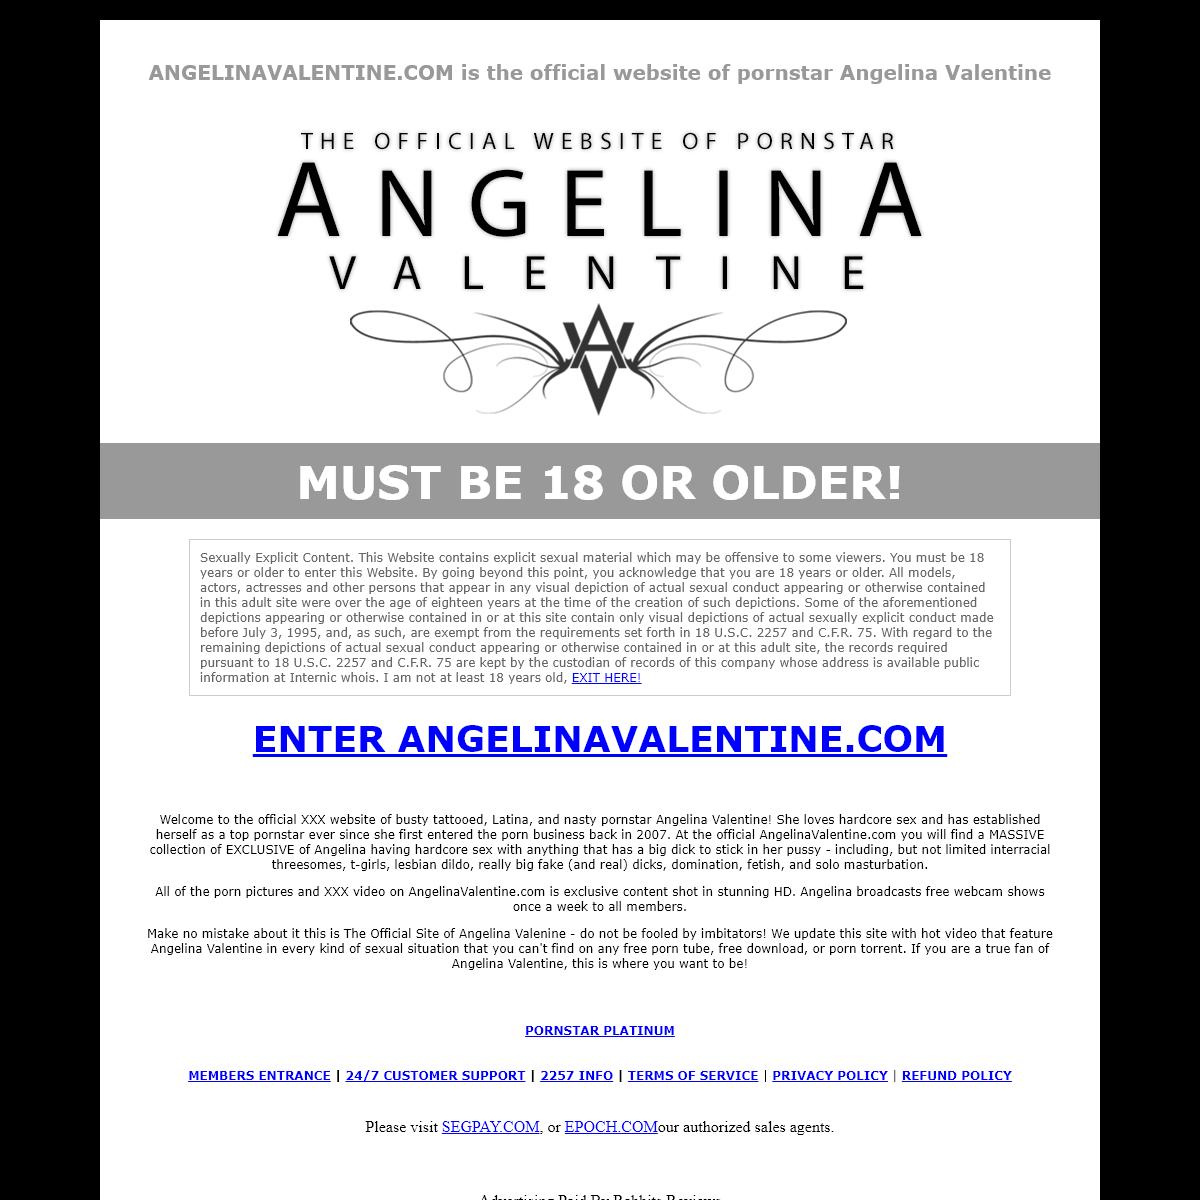 Angelina Valentine - ANGELINAVALENTINE.COM